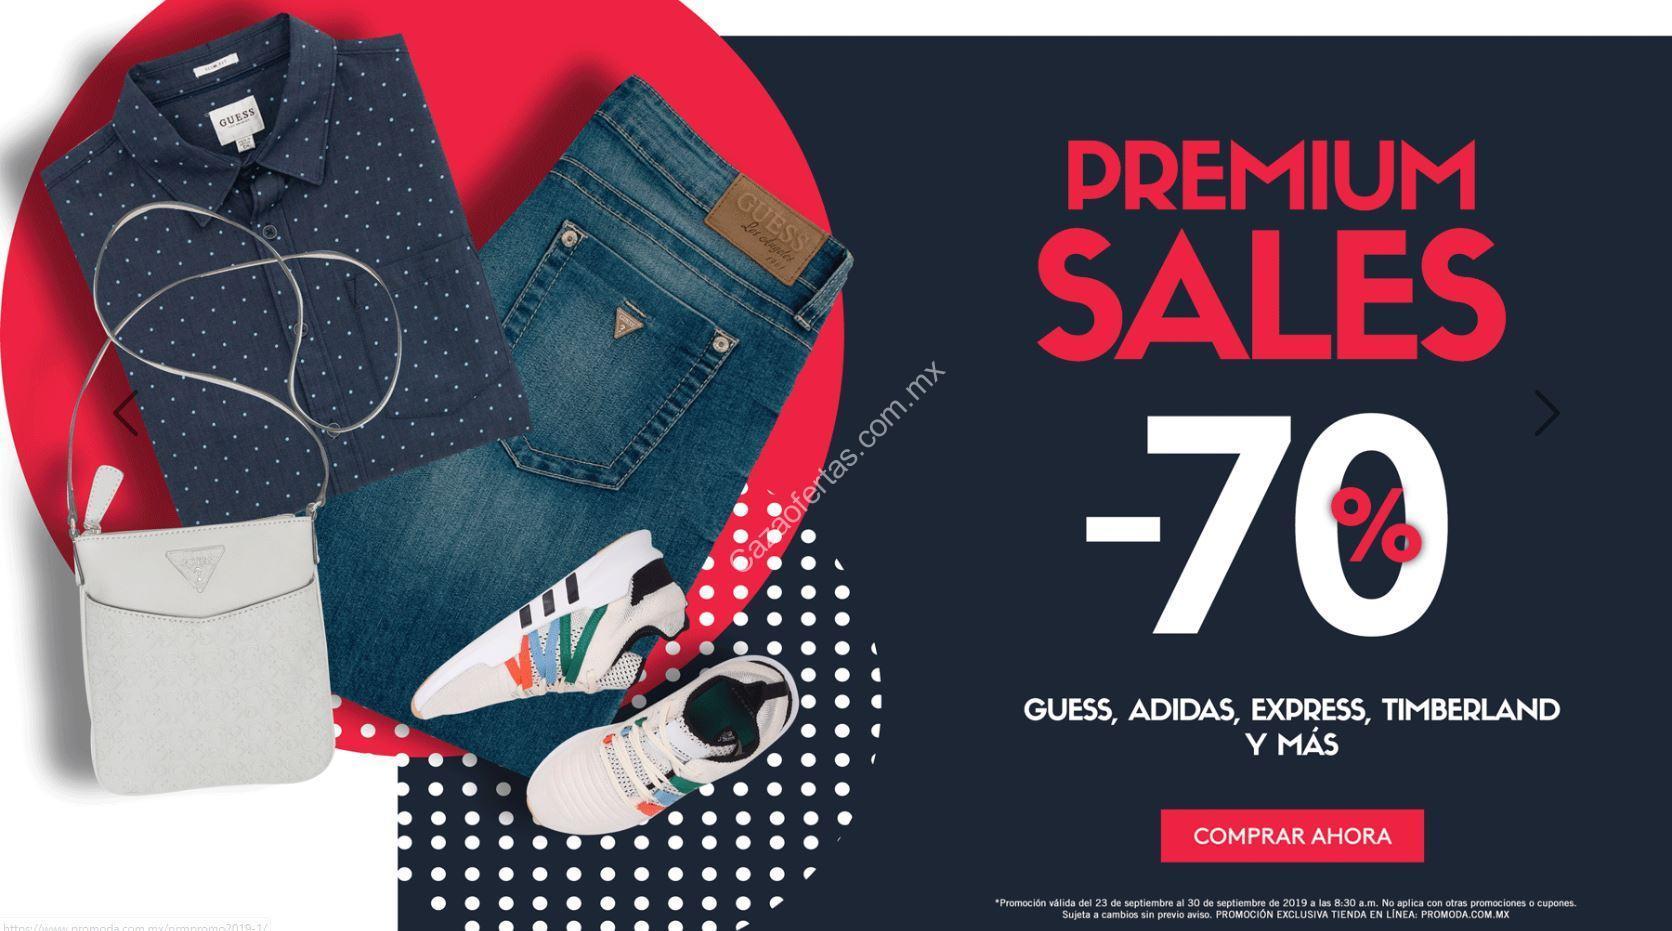 es inutil exposición Ten cuidado  Premium Sales Promoda: 70% de descuento en Guess, Adidas, Express,  Timberland y más